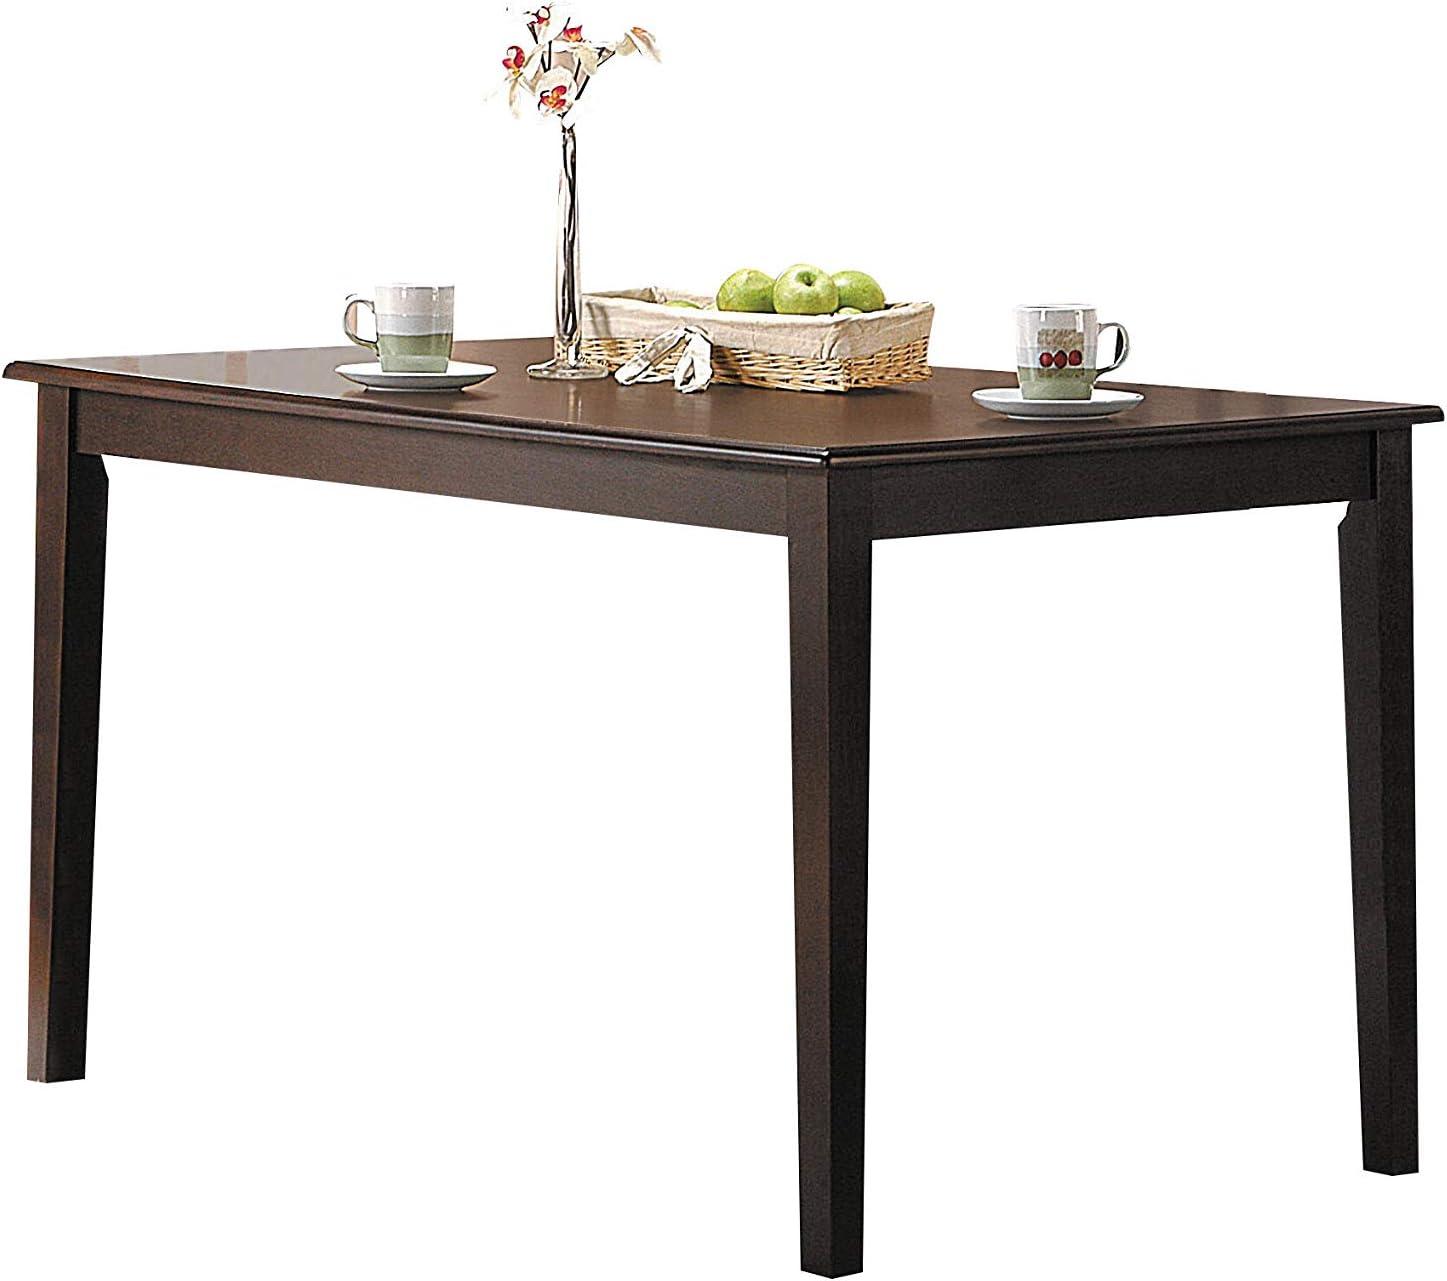 Espresso Acme Furniture Cardiff 5-Piece Dining Set